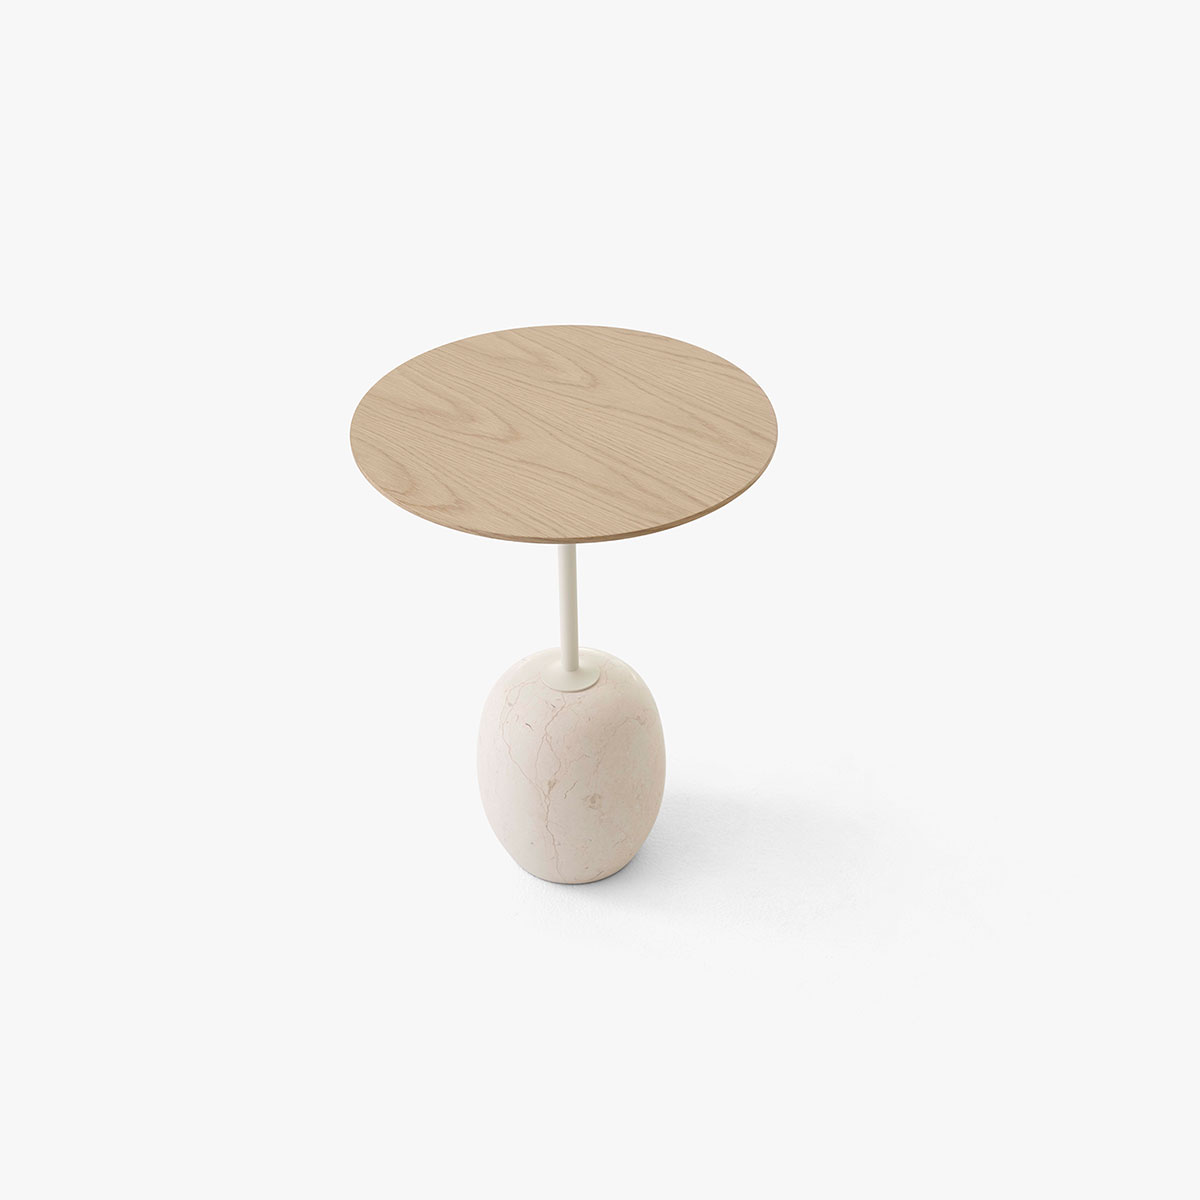 Lato Sidebord LN8 Lacquered Oak/Crema Diva Marble